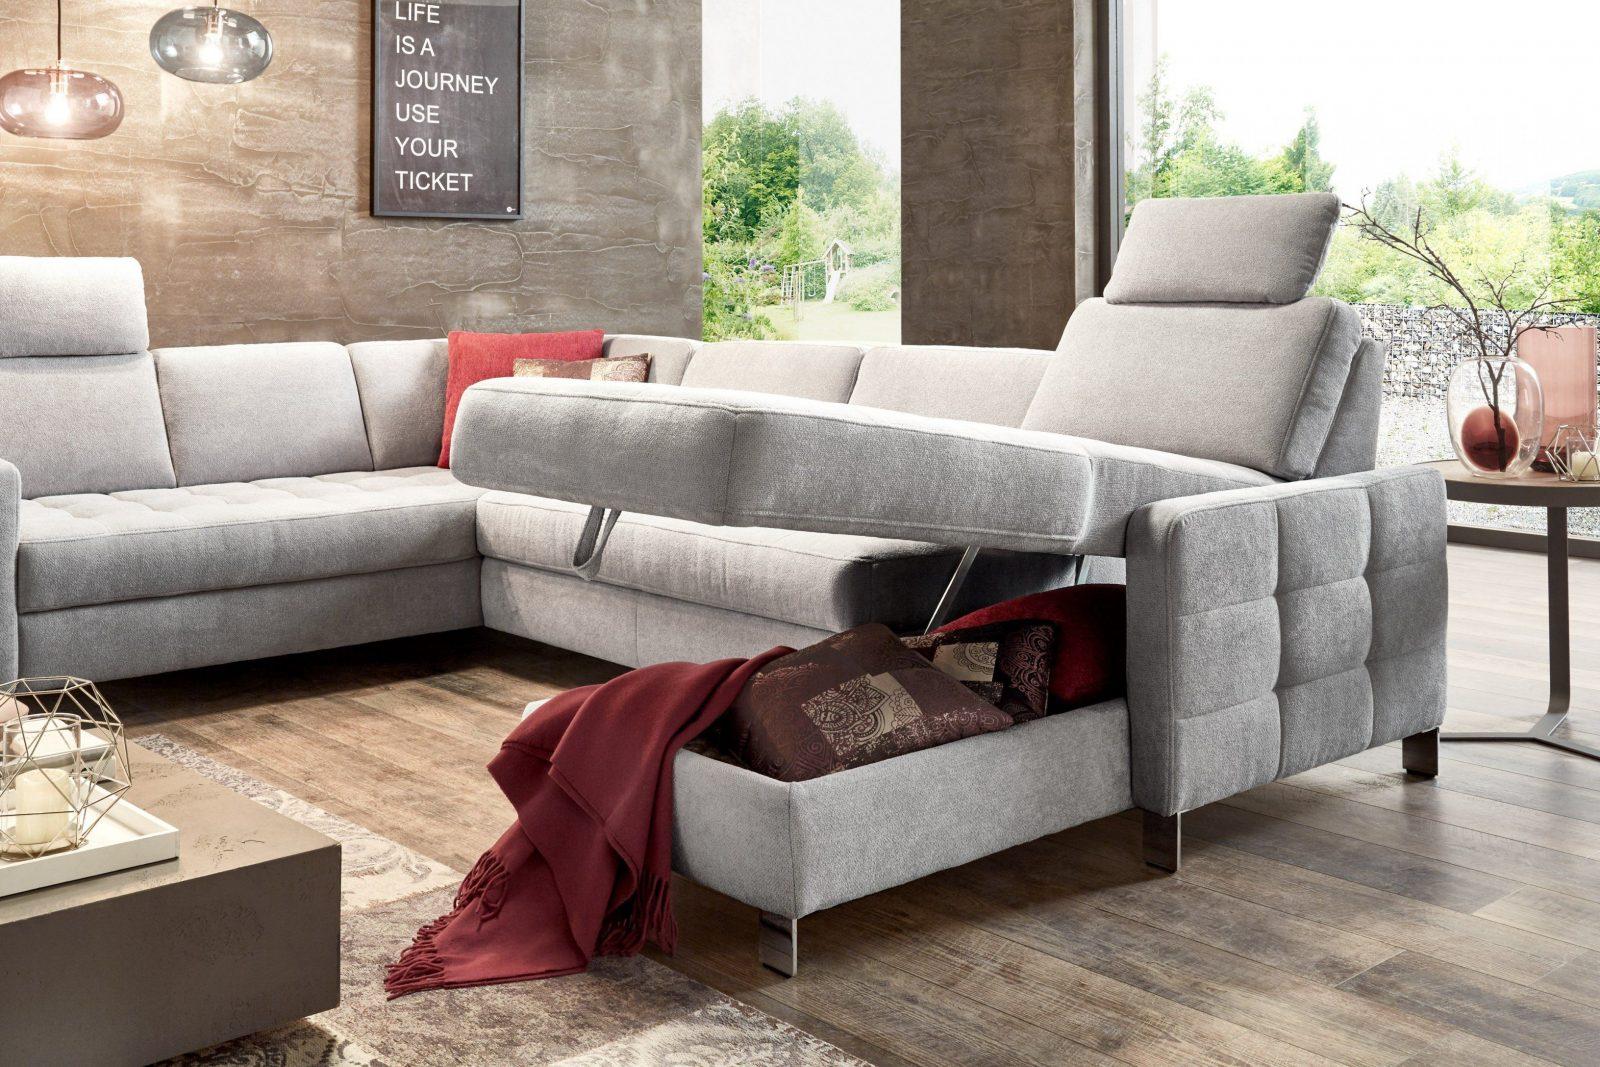 wohnlandschaft sch n sit and more wohnlandschaft ideen sit and more von wohnlandschaft sit. Black Bedroom Furniture Sets. Home Design Ideas